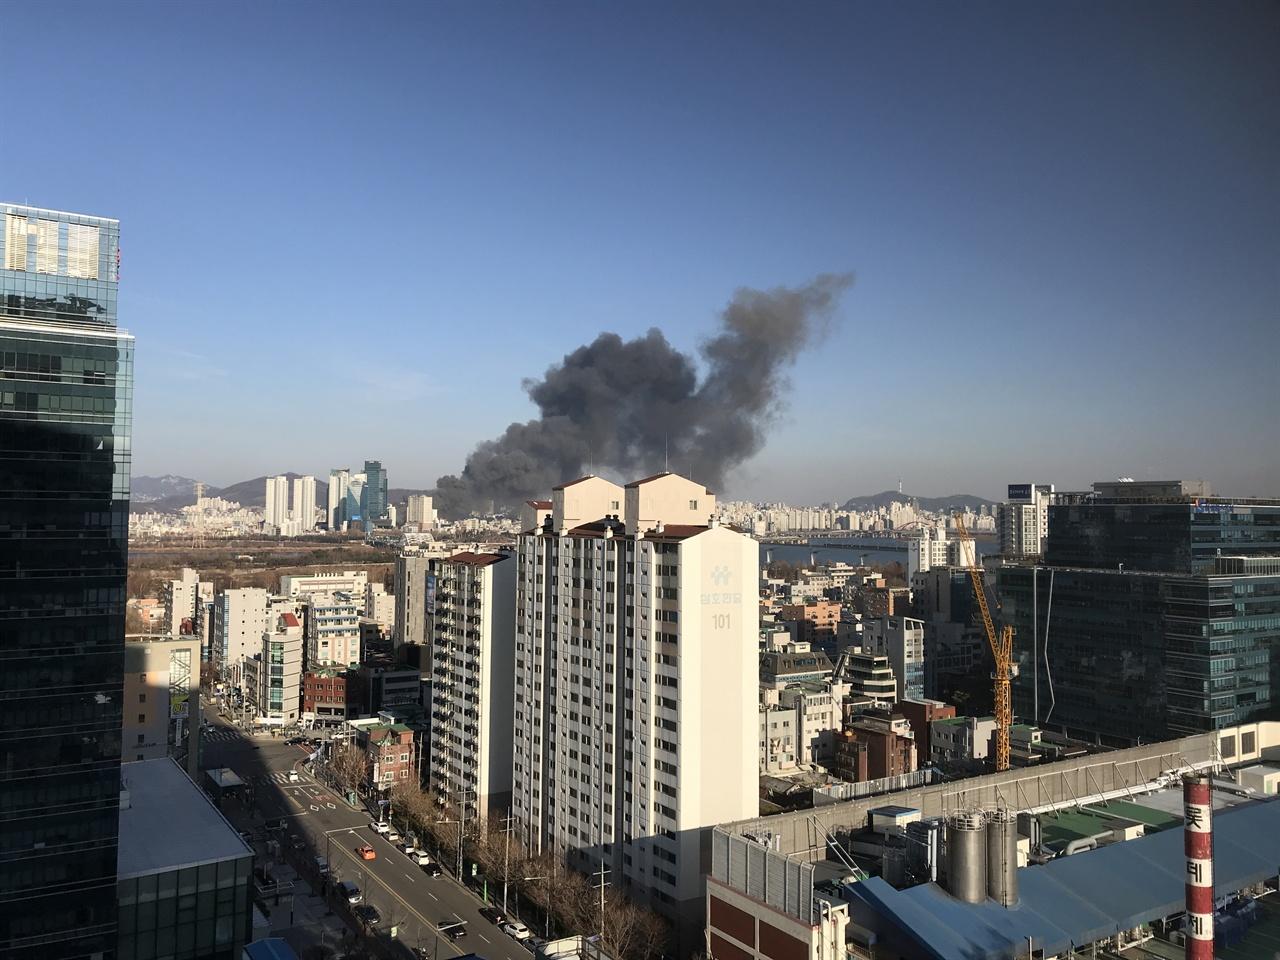 서울 강서구 방향에서도 홍대입구역 신축공사 화재 현장에서 나오는 연기를 볼 수 있다.